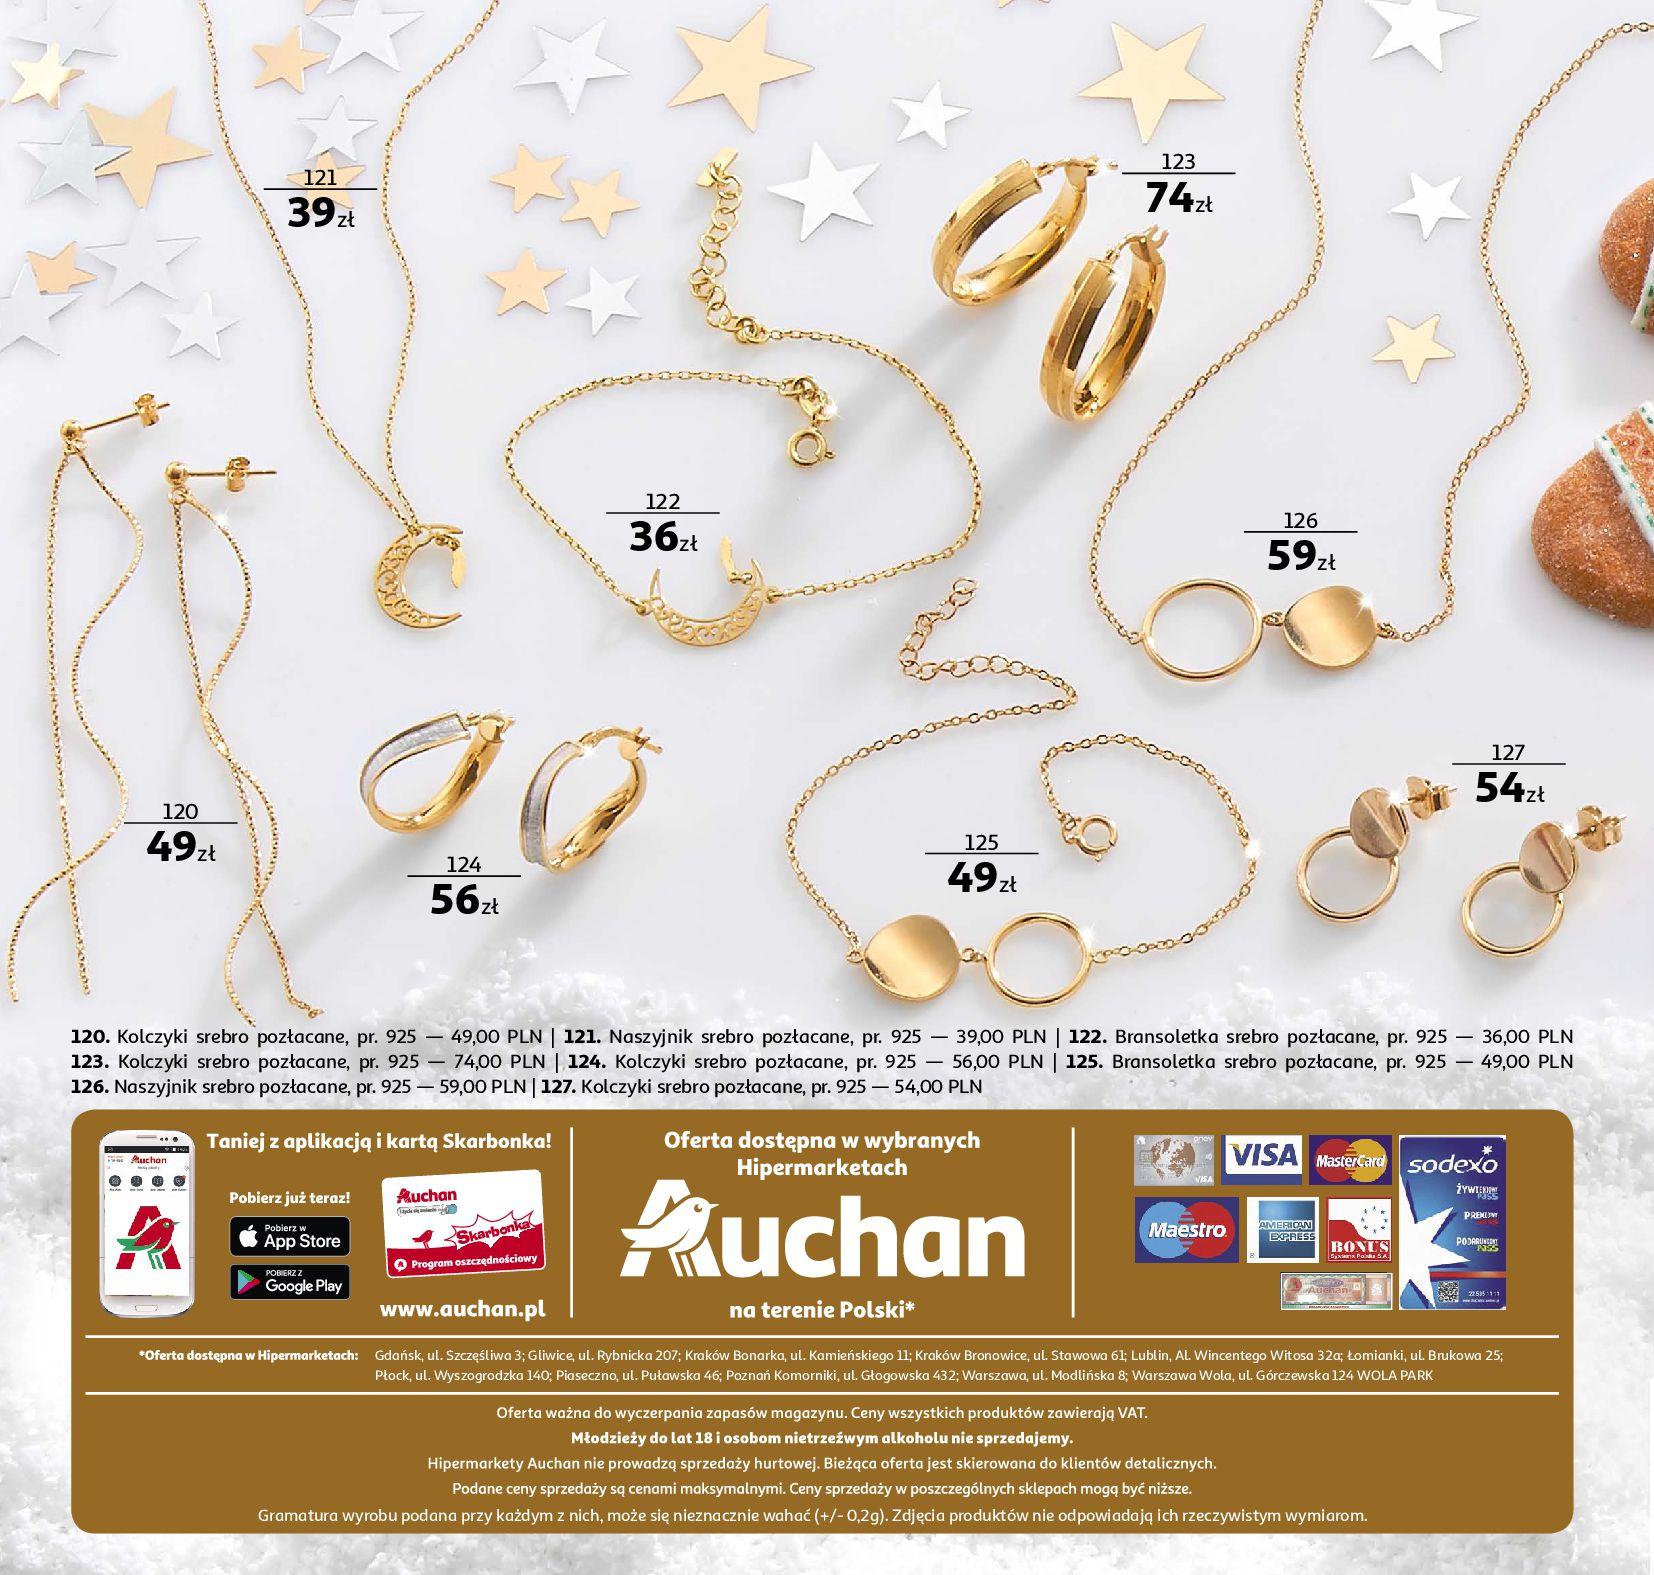 Gazetka Auchan - Biżuteria-19.11.2019-31.12.2019-page-12